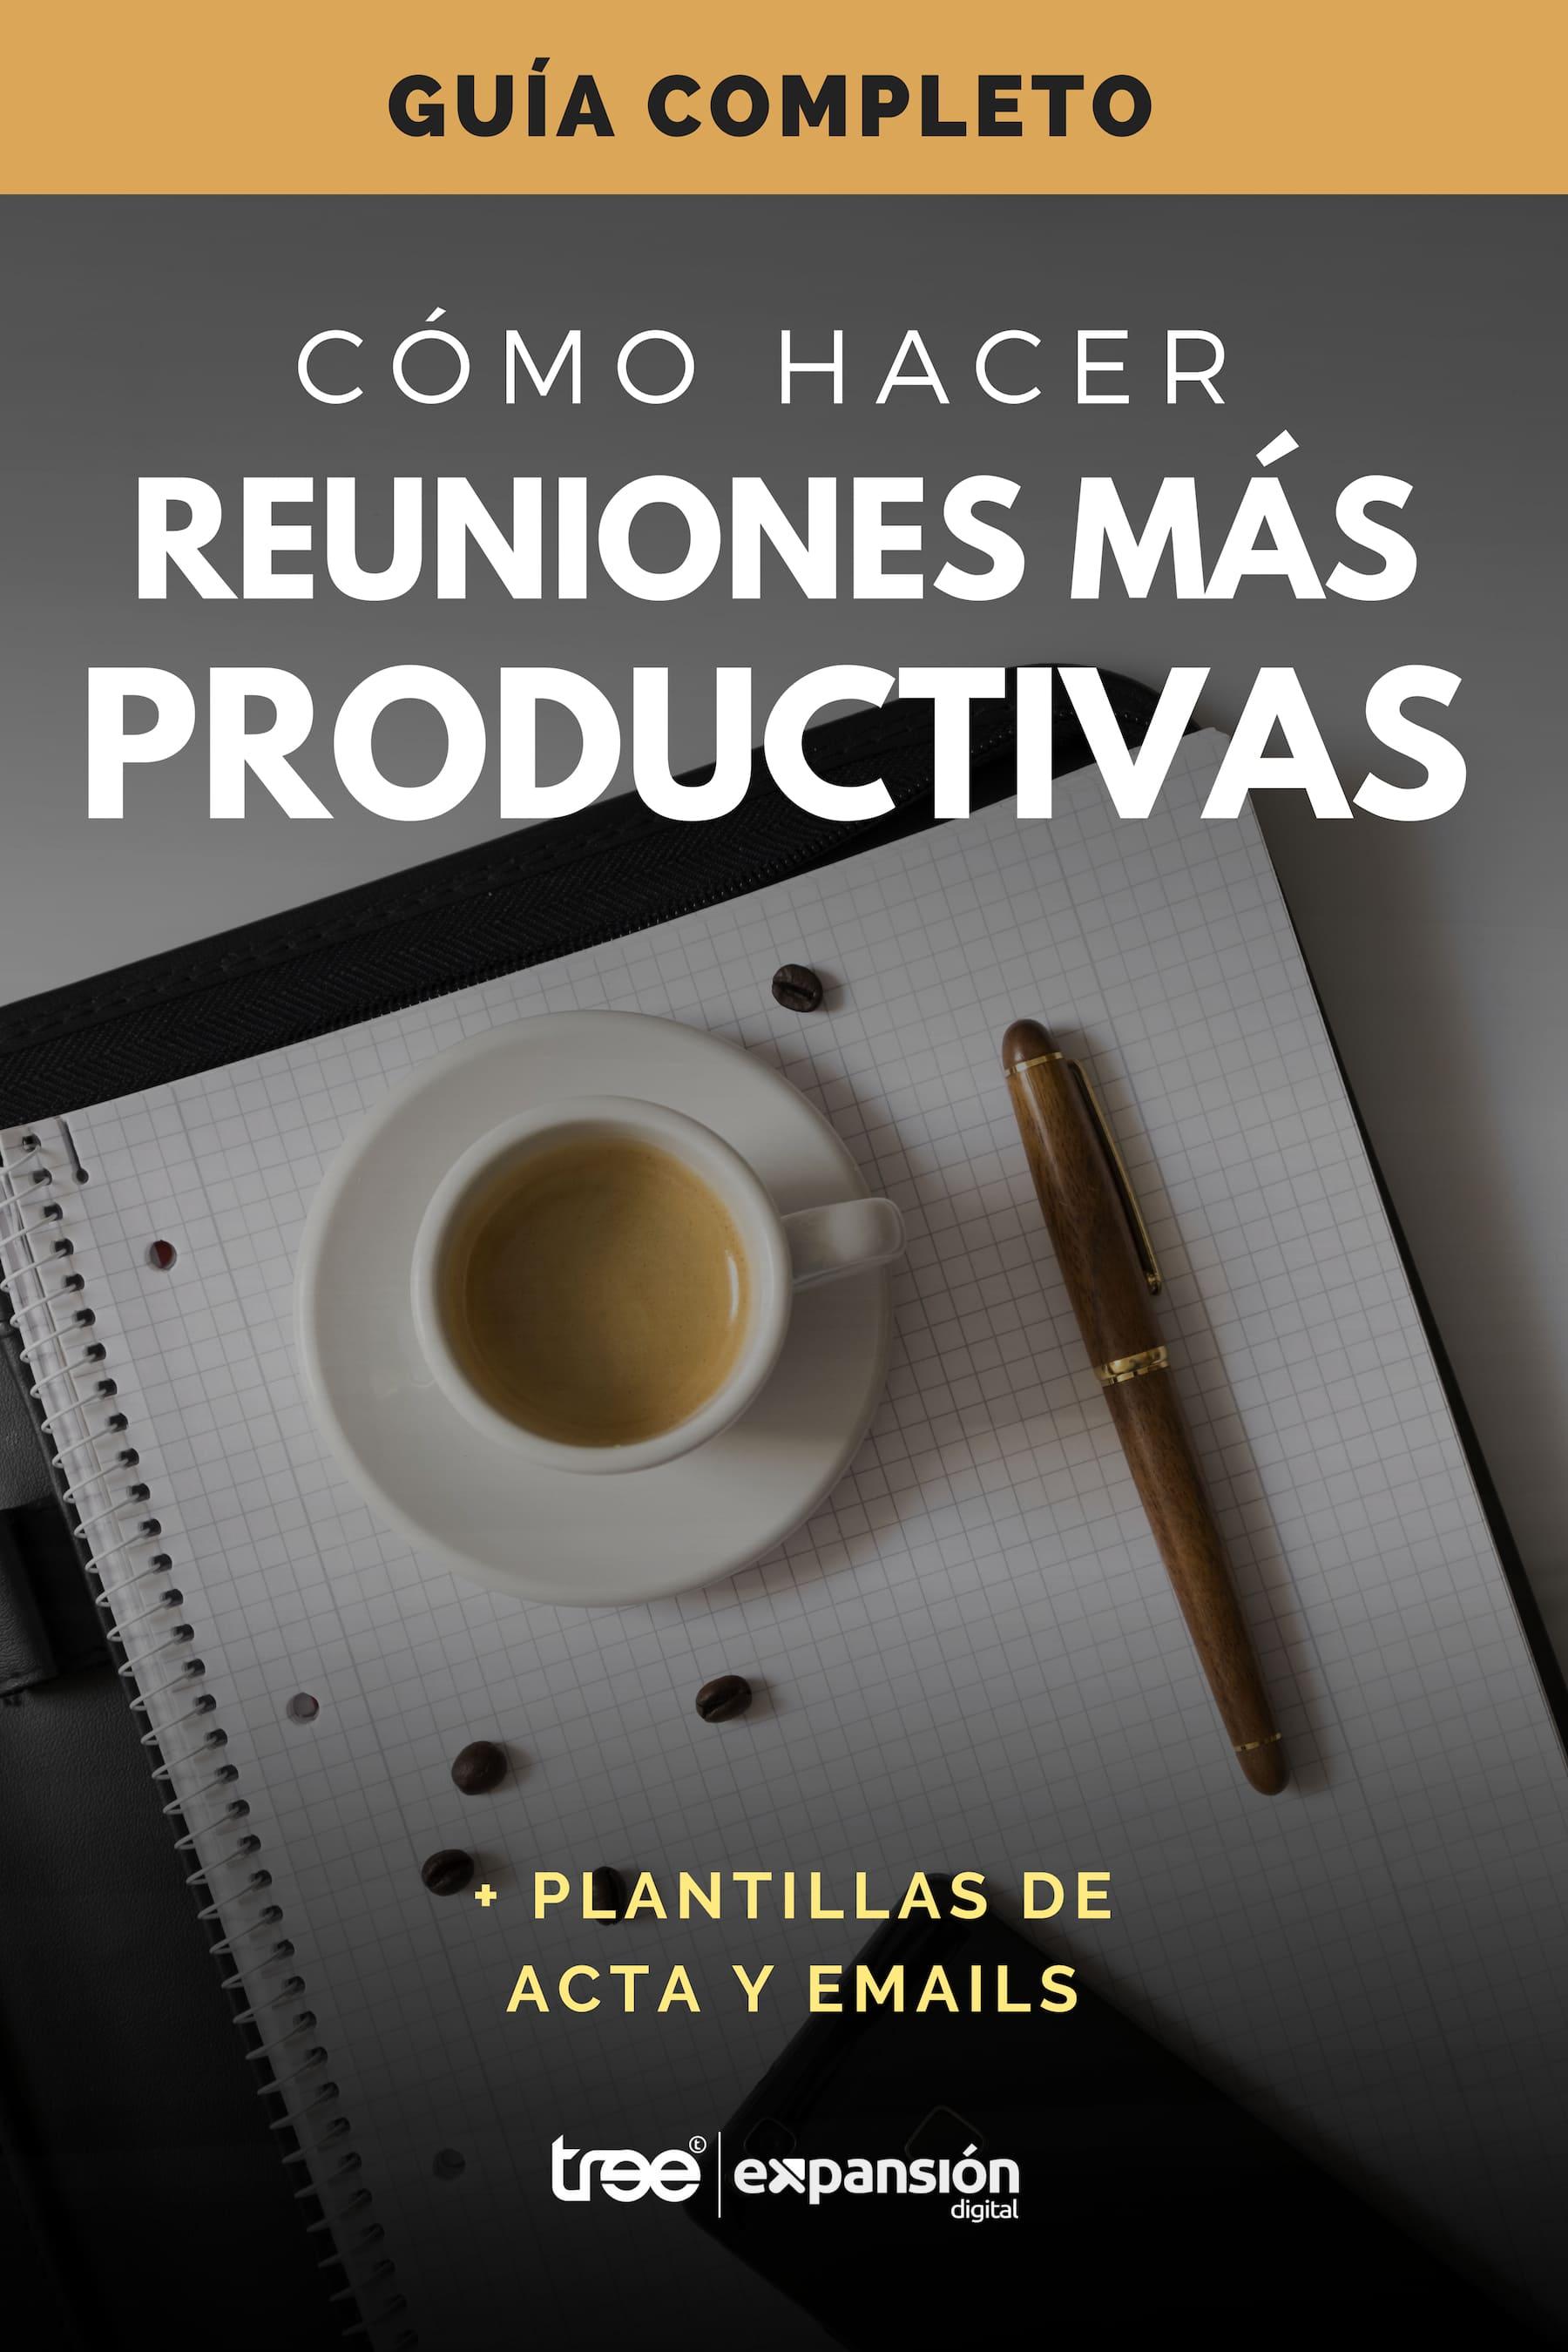 [GUÍA COMPLETO] REUNIONES MÁS PRODUCTIVAS + PLANTILLAS